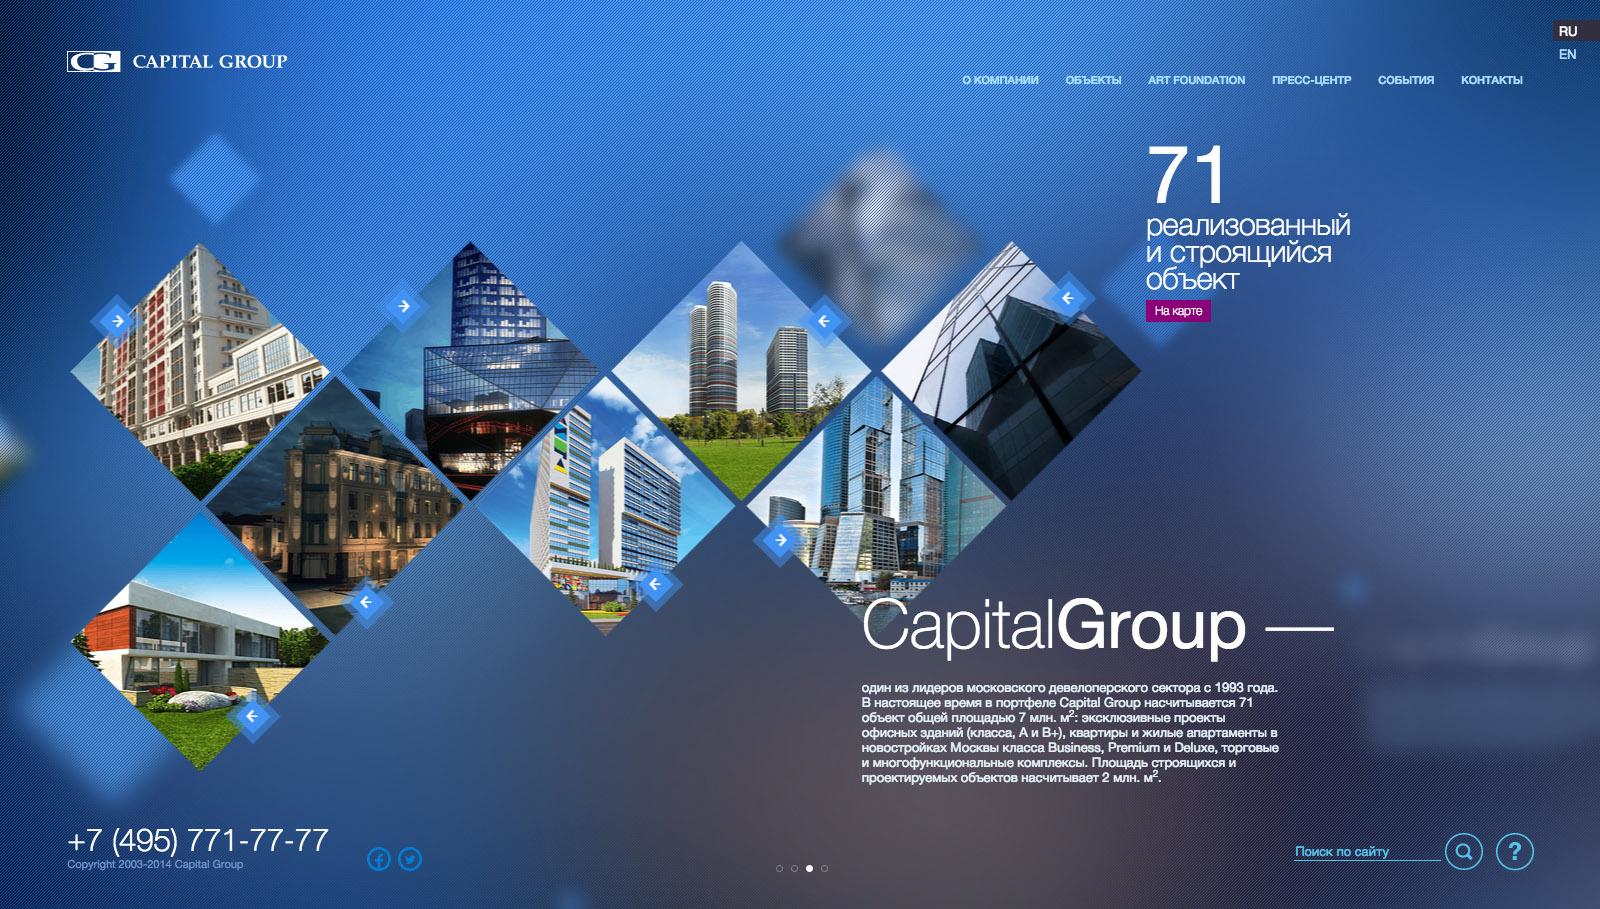 3i group plc may 2006